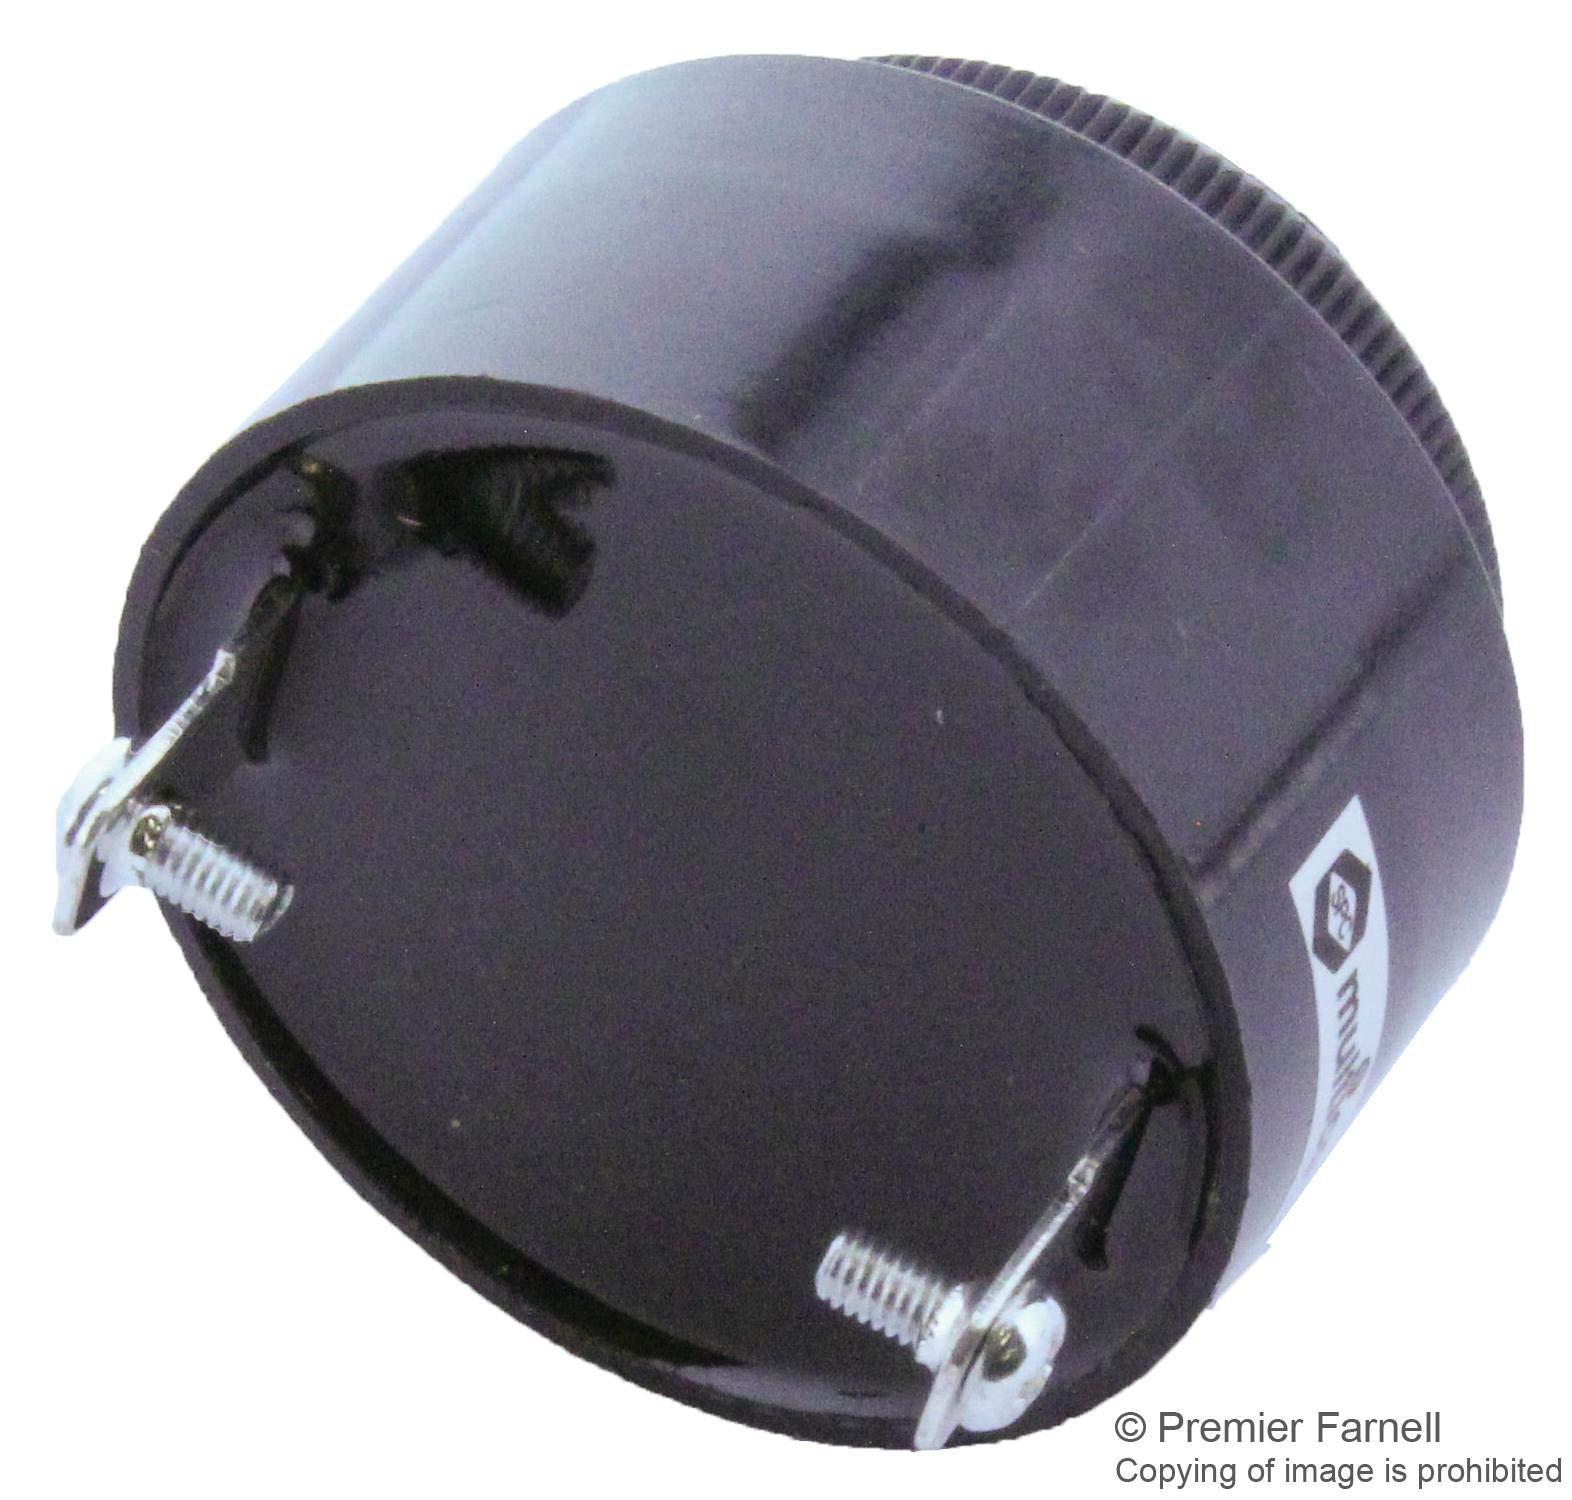 MCKPI-G4320-110VAC-3675 - Transducer, Piezo, Buzzer, Buzzer, Continuous, 100 V, 130 V, 20 mA, 95 dB (MCKPI-G4320-110VAC-3675) (Pack of 10) by MULTICOMP